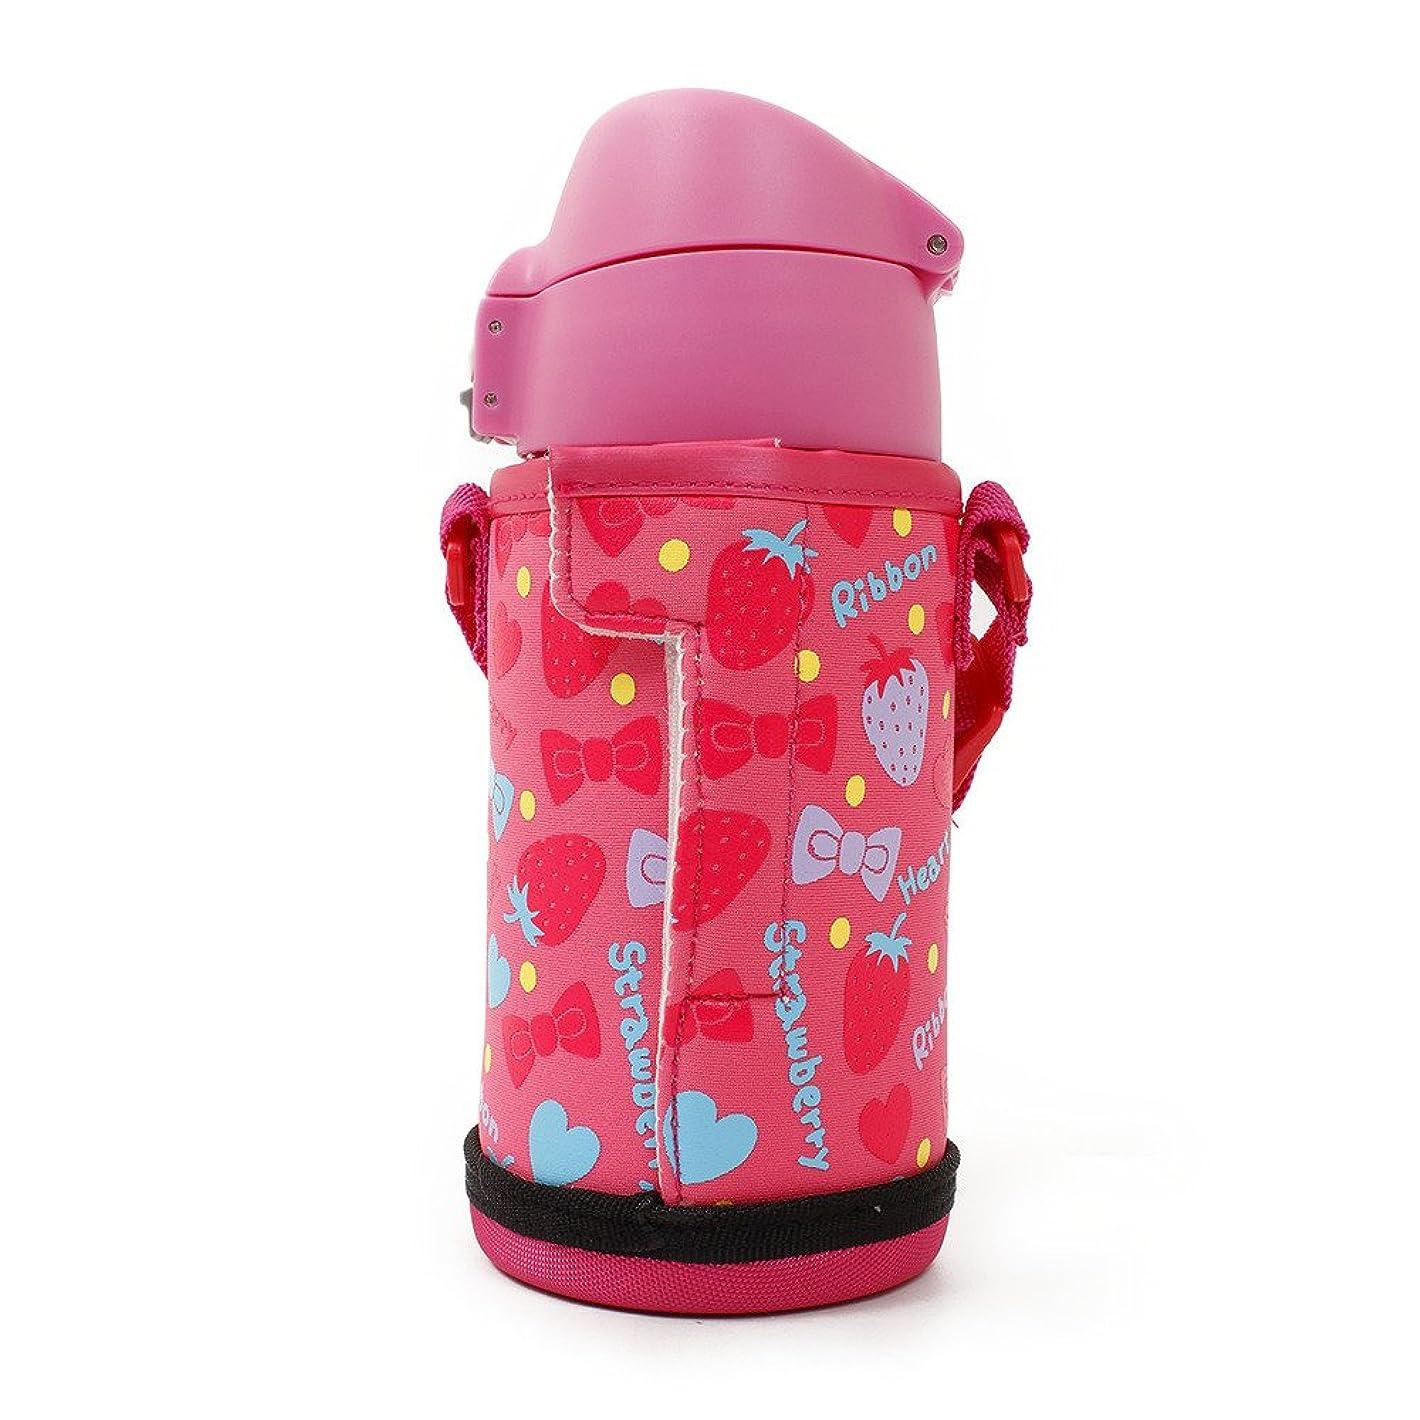 報酬のトロピカル雑草ふわふわAir 2WAYジュニア 450ml イチゴ 水筒 保温 保冷ボトル 621569 DBKS450PK